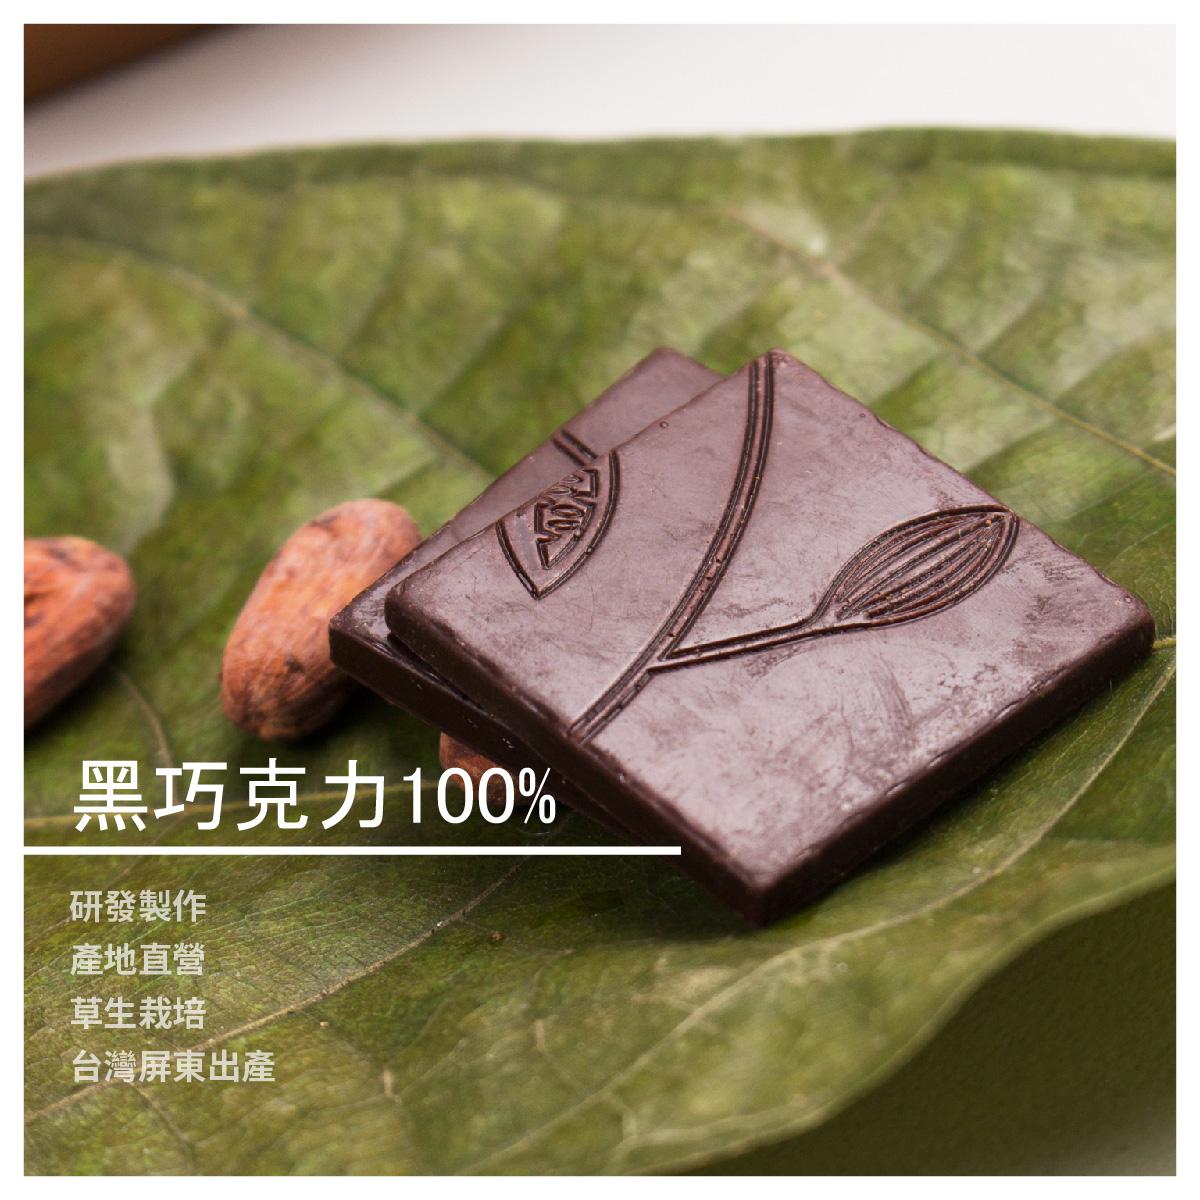 【豆留三合園】黑巧克力100% / 18片